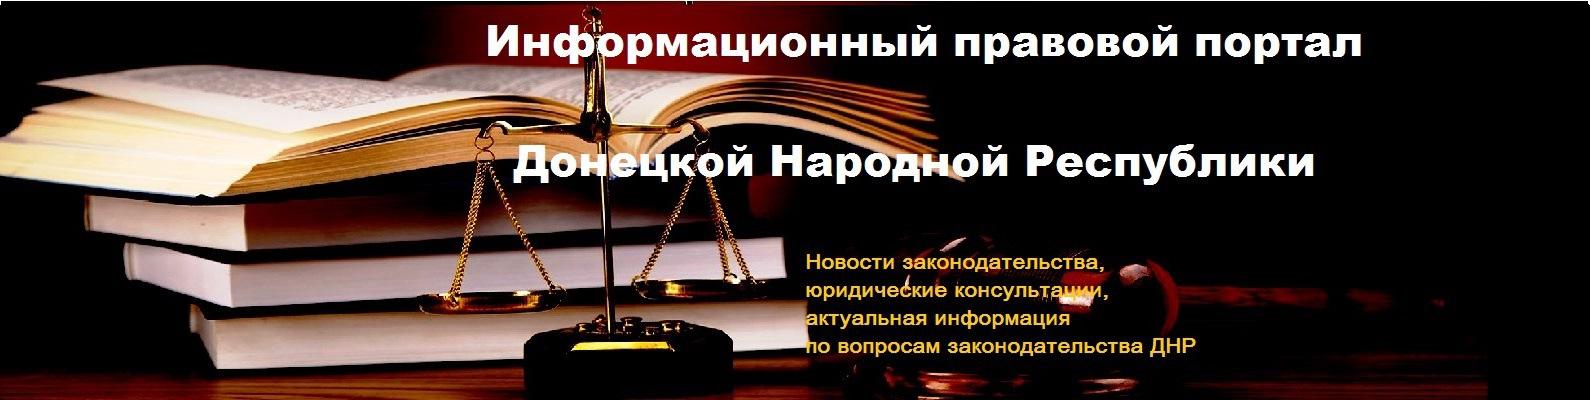 c юридические консультации